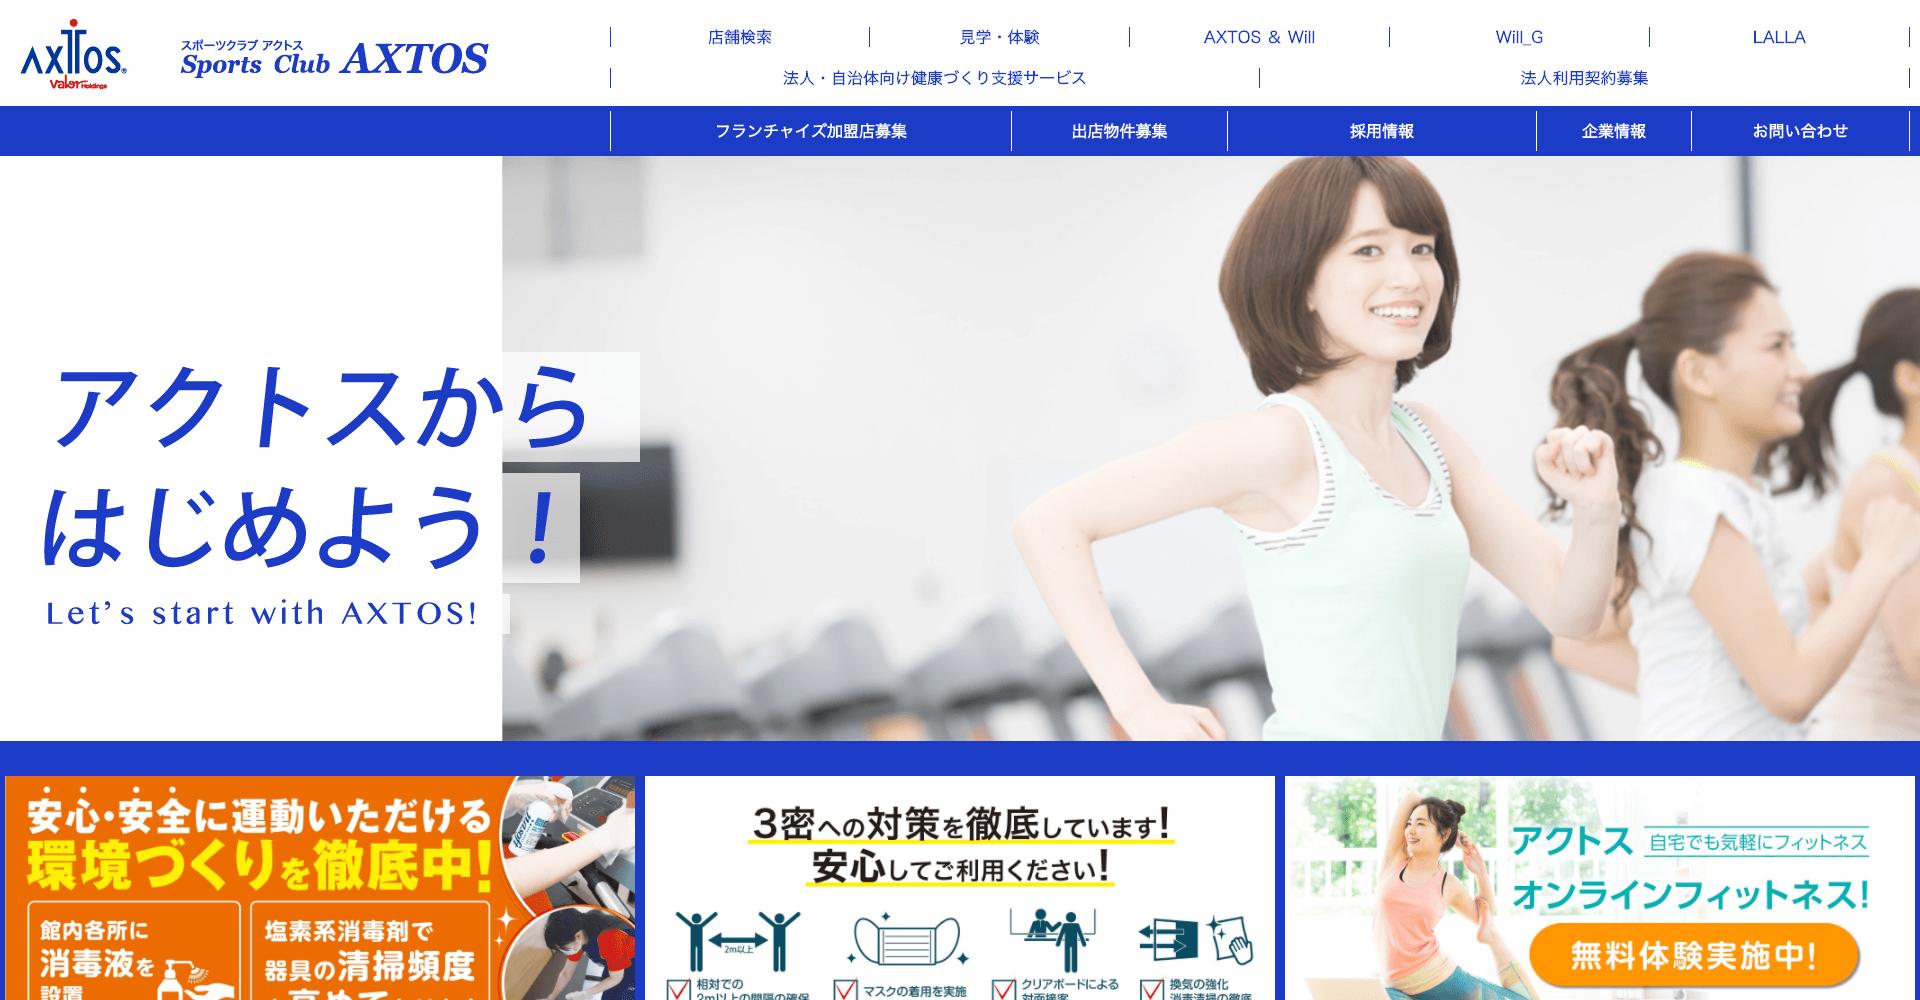 スポーツクラブアクトス Will_G三洋堂川辺店